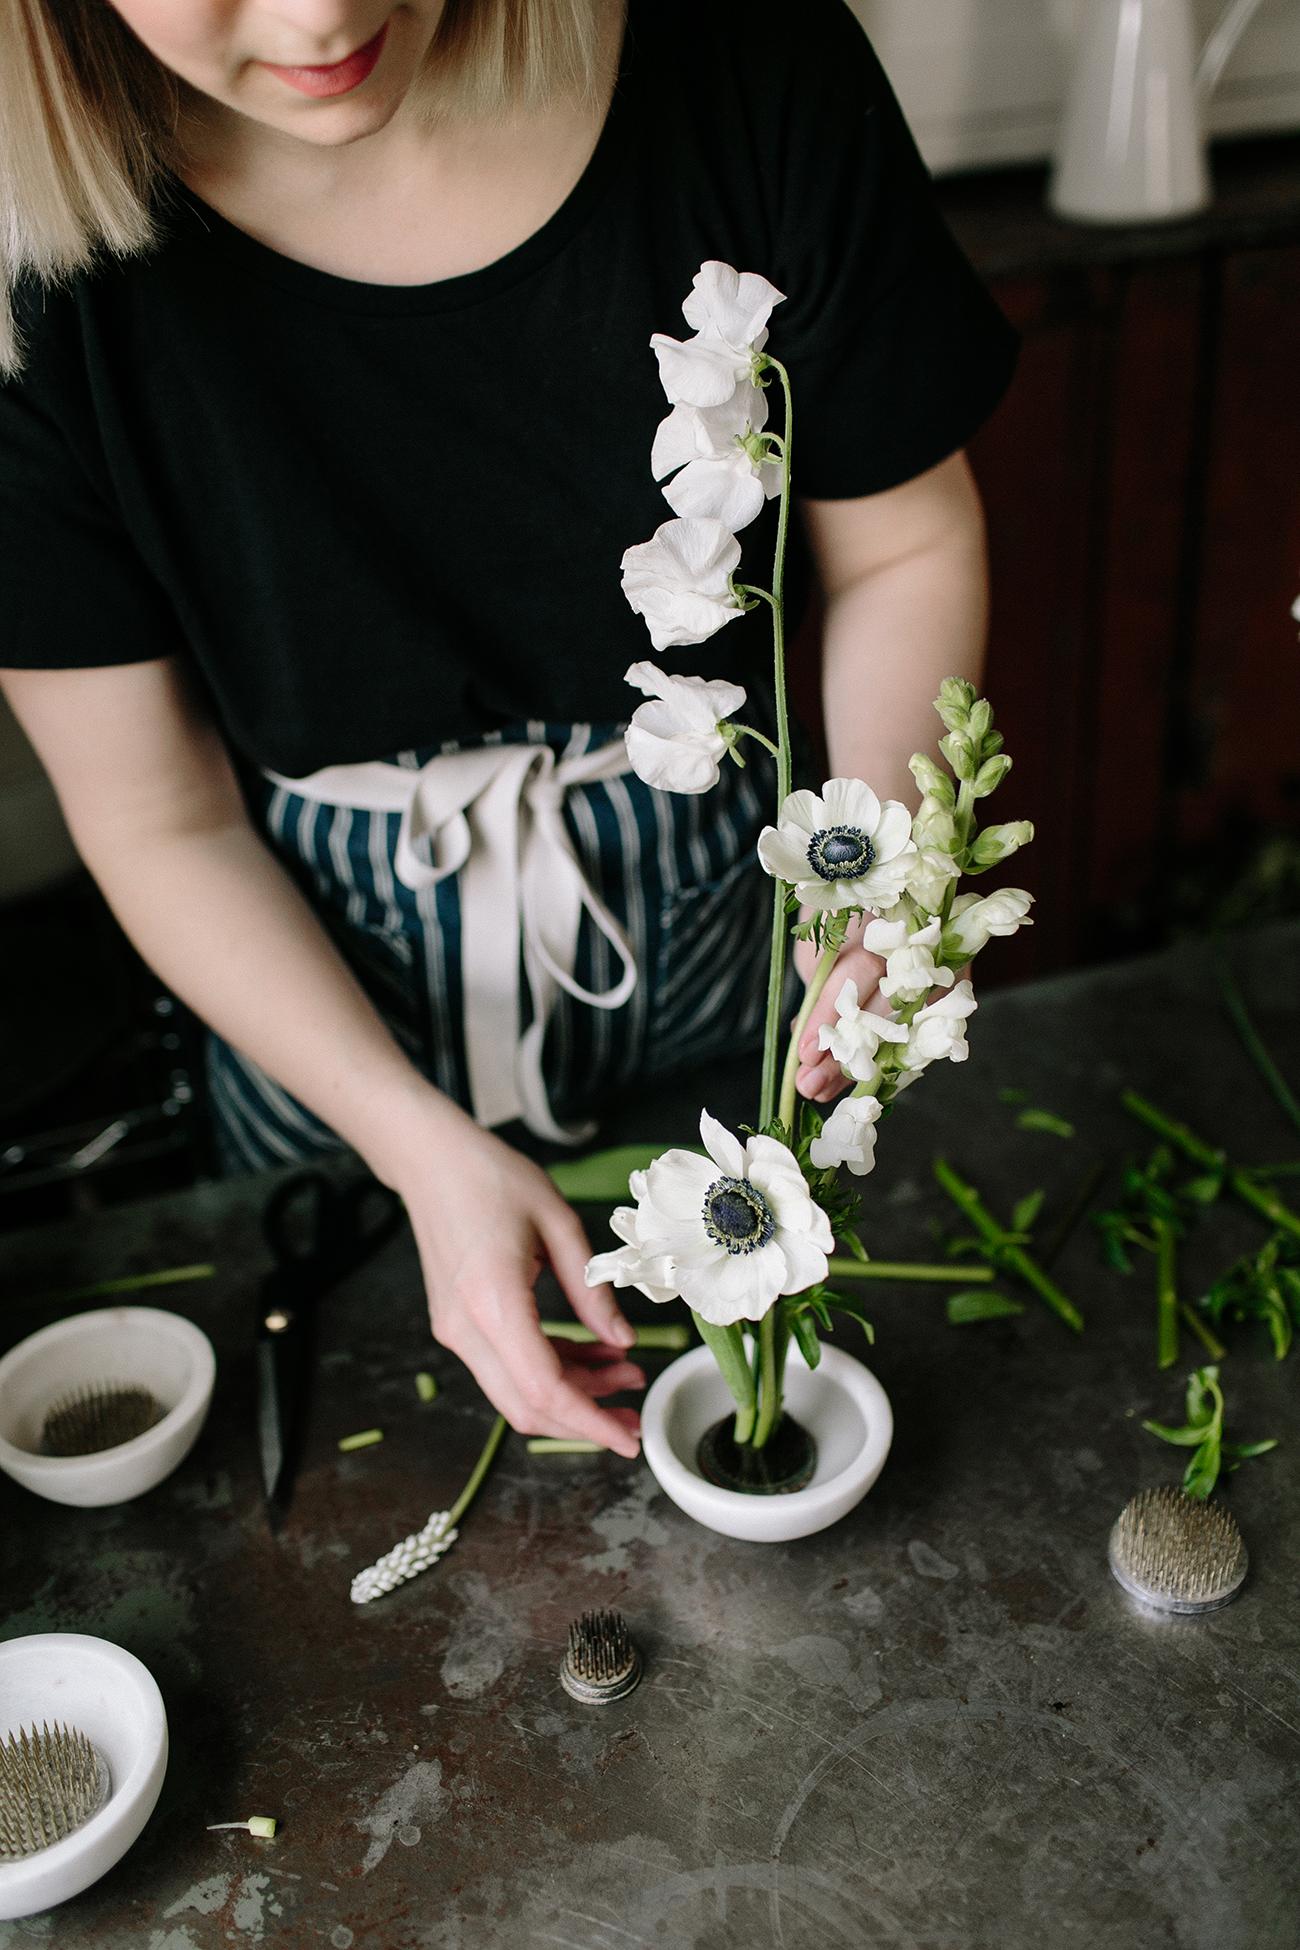 How to Make Ikebana (Moribana)-Inspired Arrangements. Minimalist Flower Arrangements. DIY Flowers. Spring Flowers. Simple Flower DIY. Monochomatic flowers.